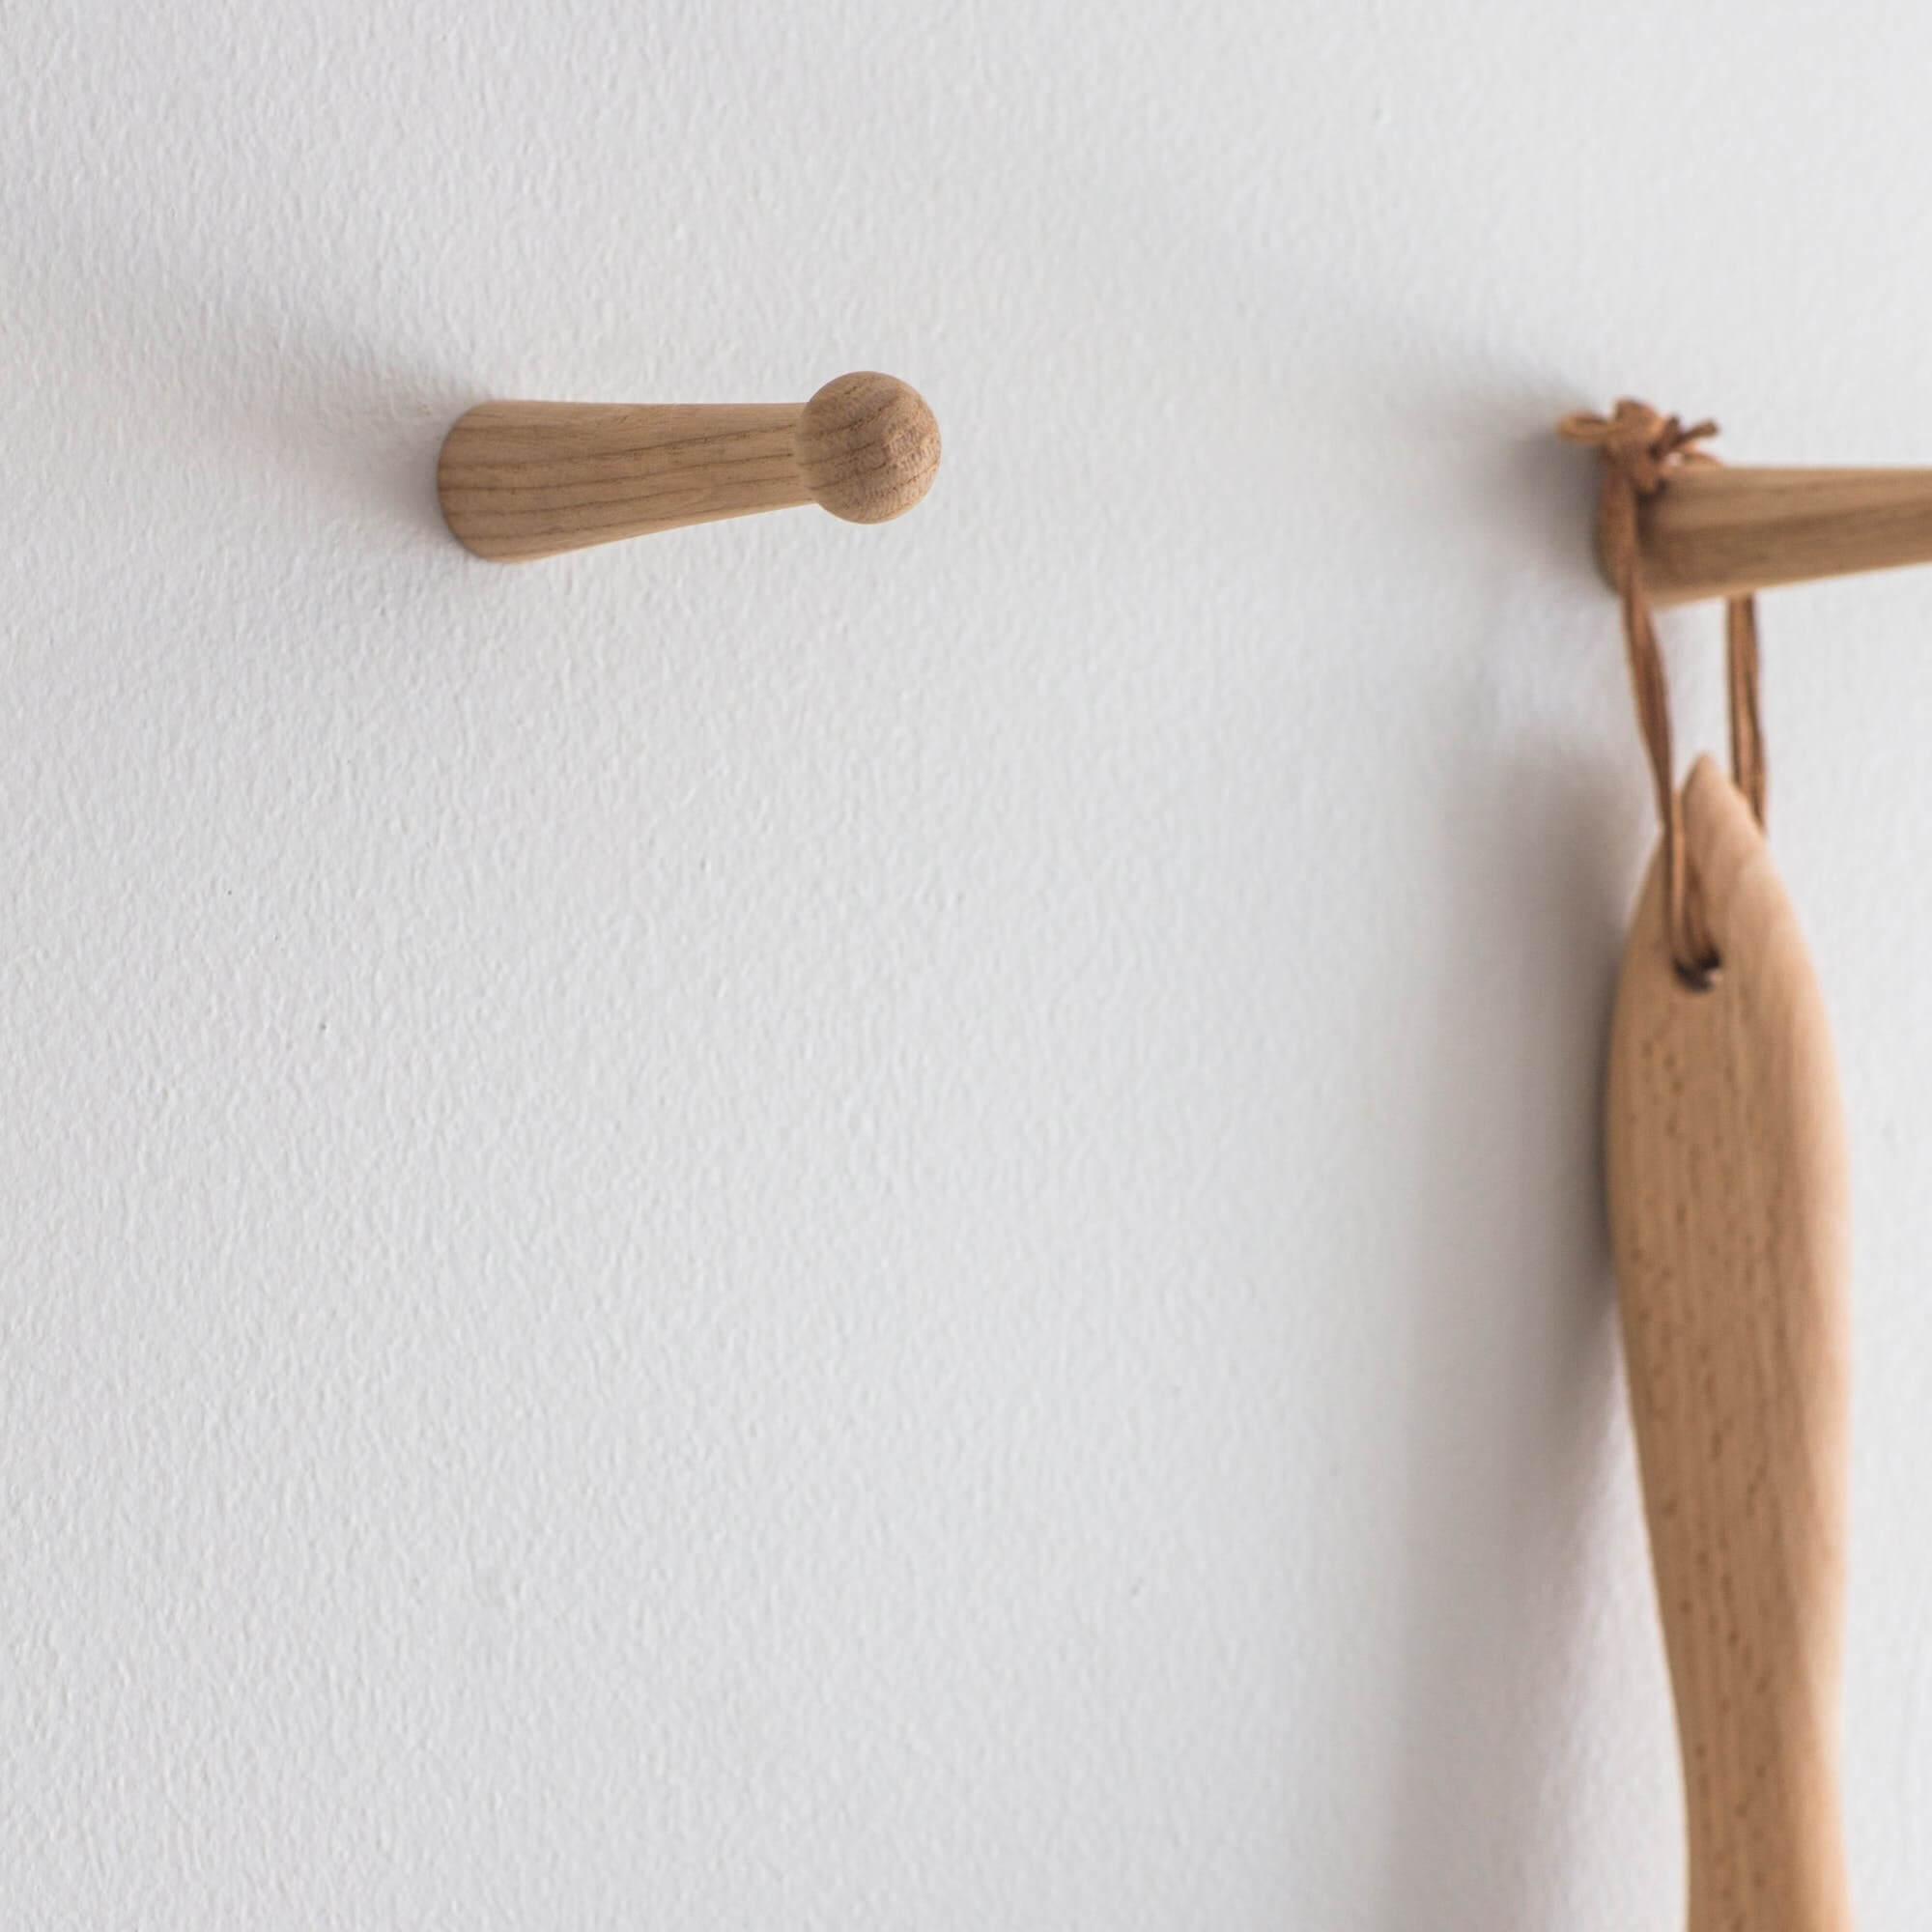 Oak Peg Hooks - Set of 2